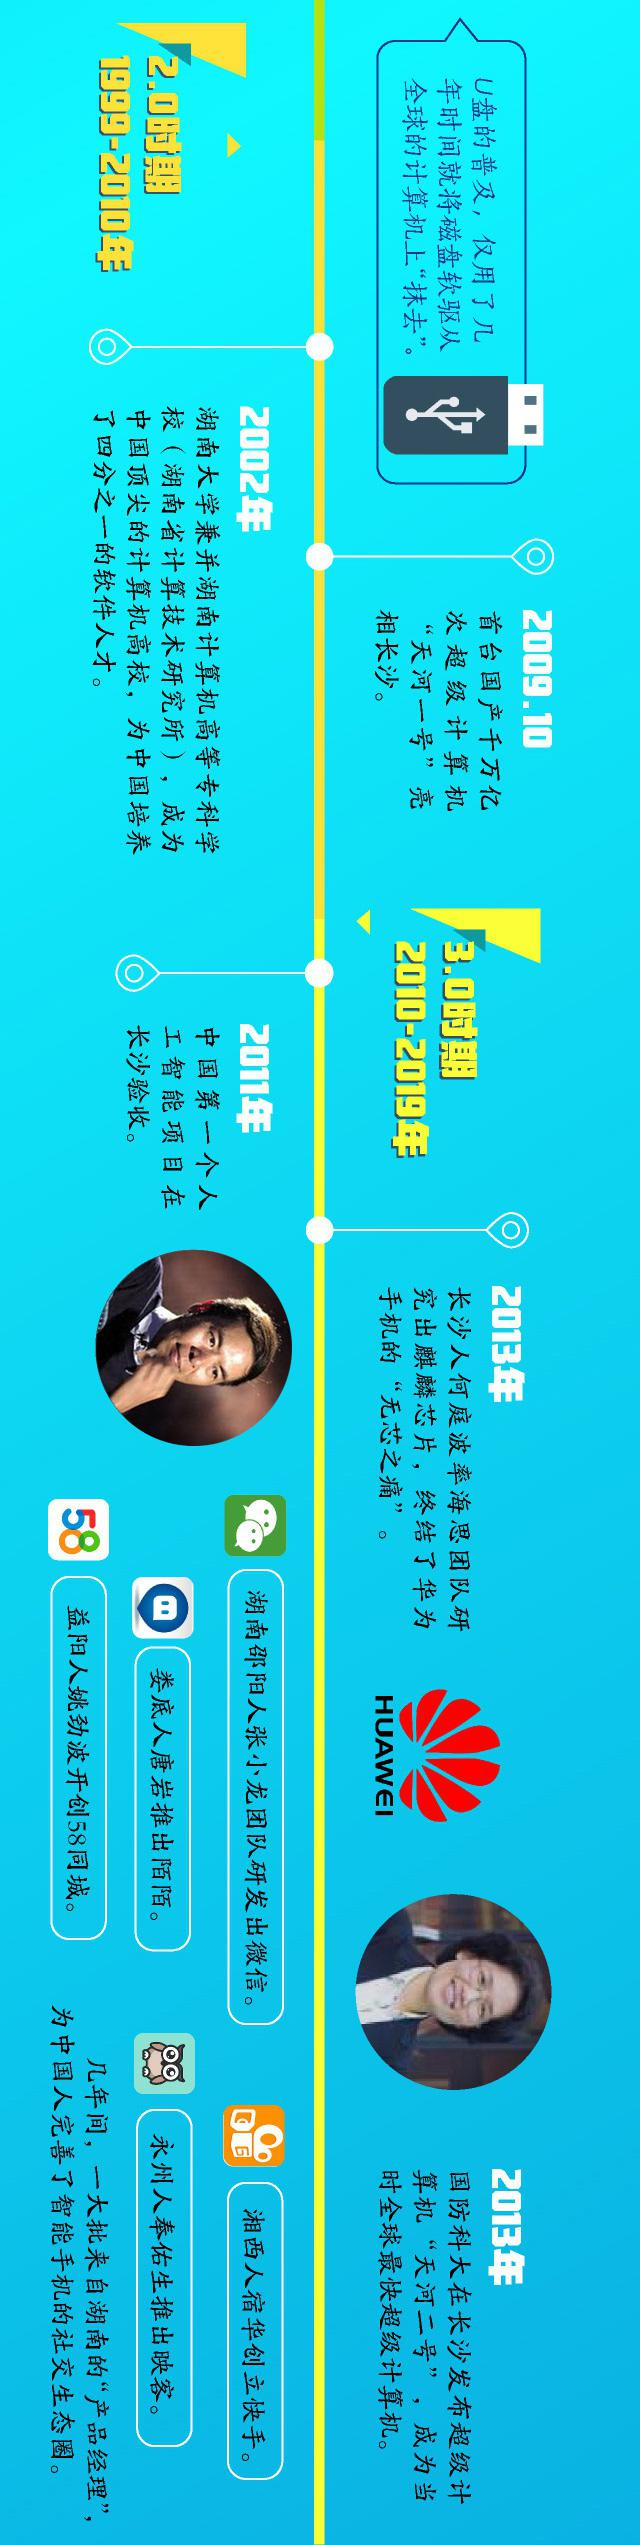 永州市蓝山县红网_长图丨时间线——湖南计算进化史 - 湖南之窗 - 新湖南